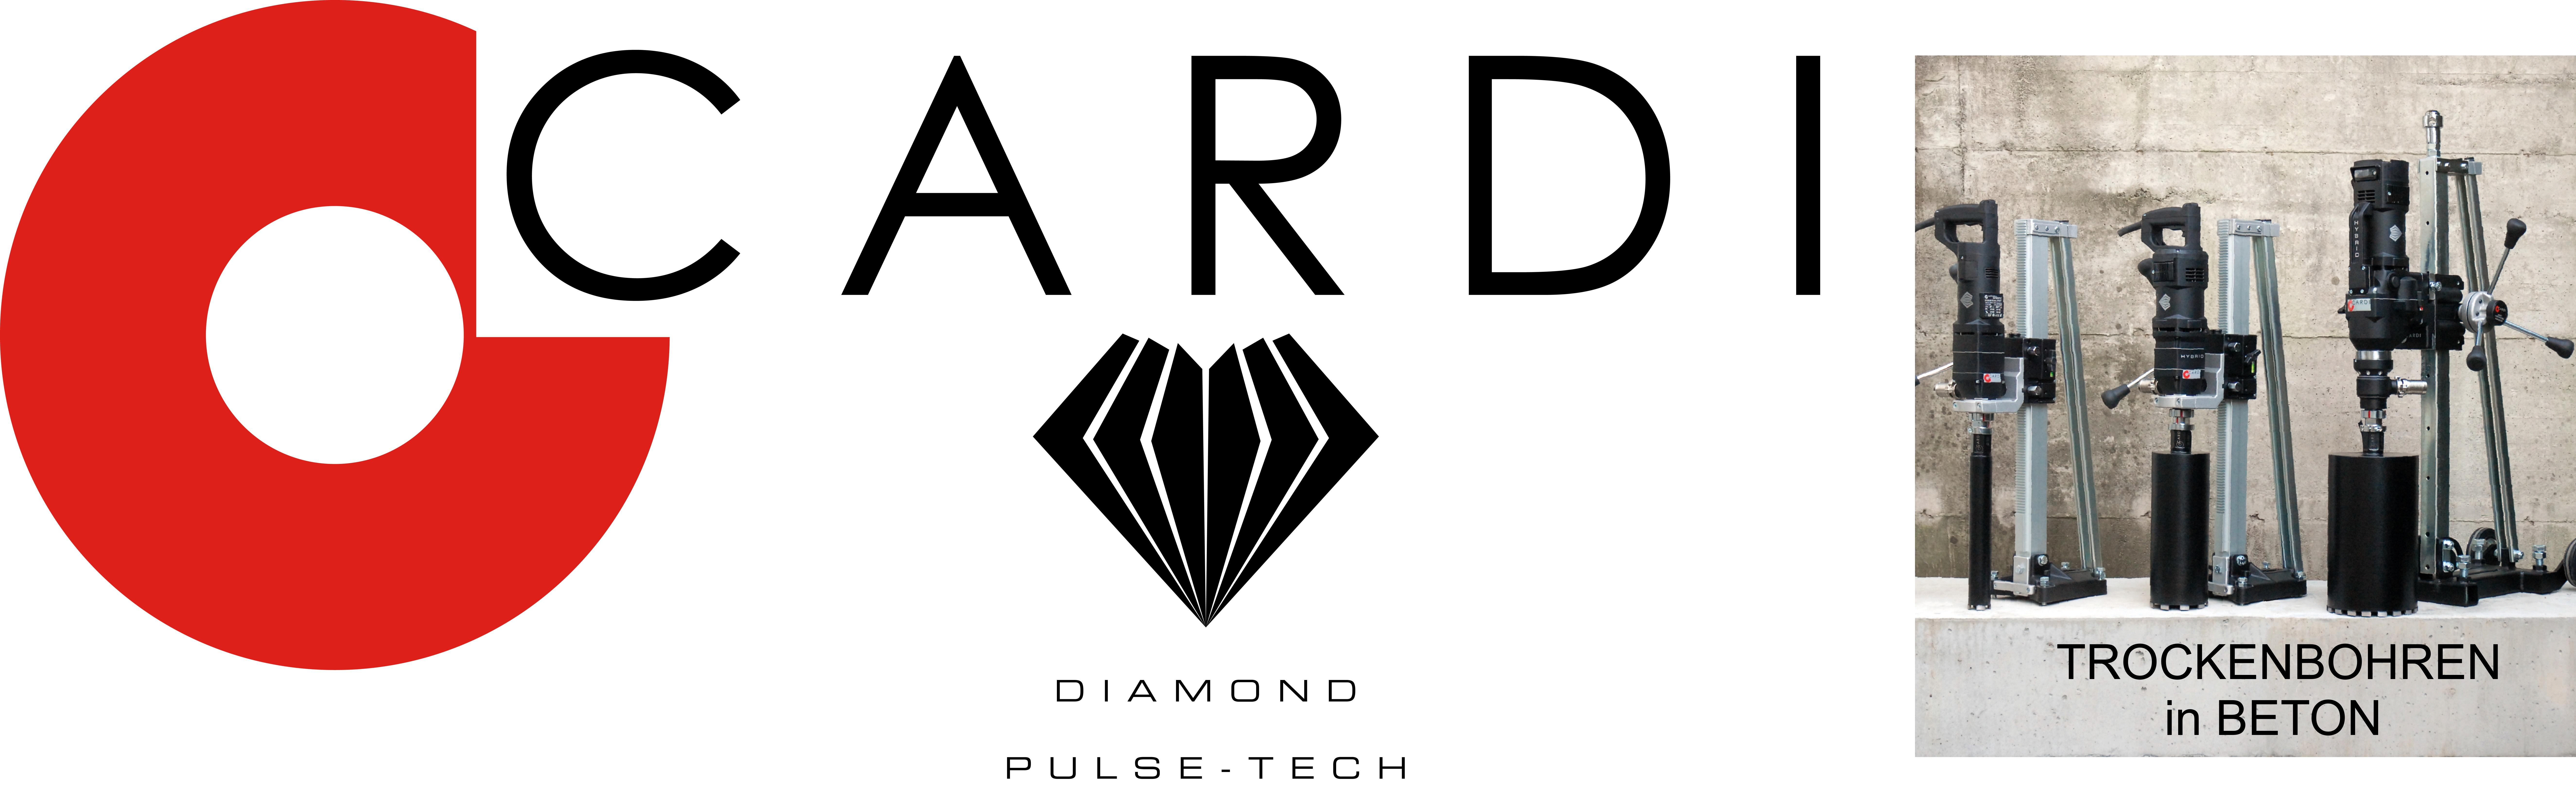 CARDI Pulse-Tech